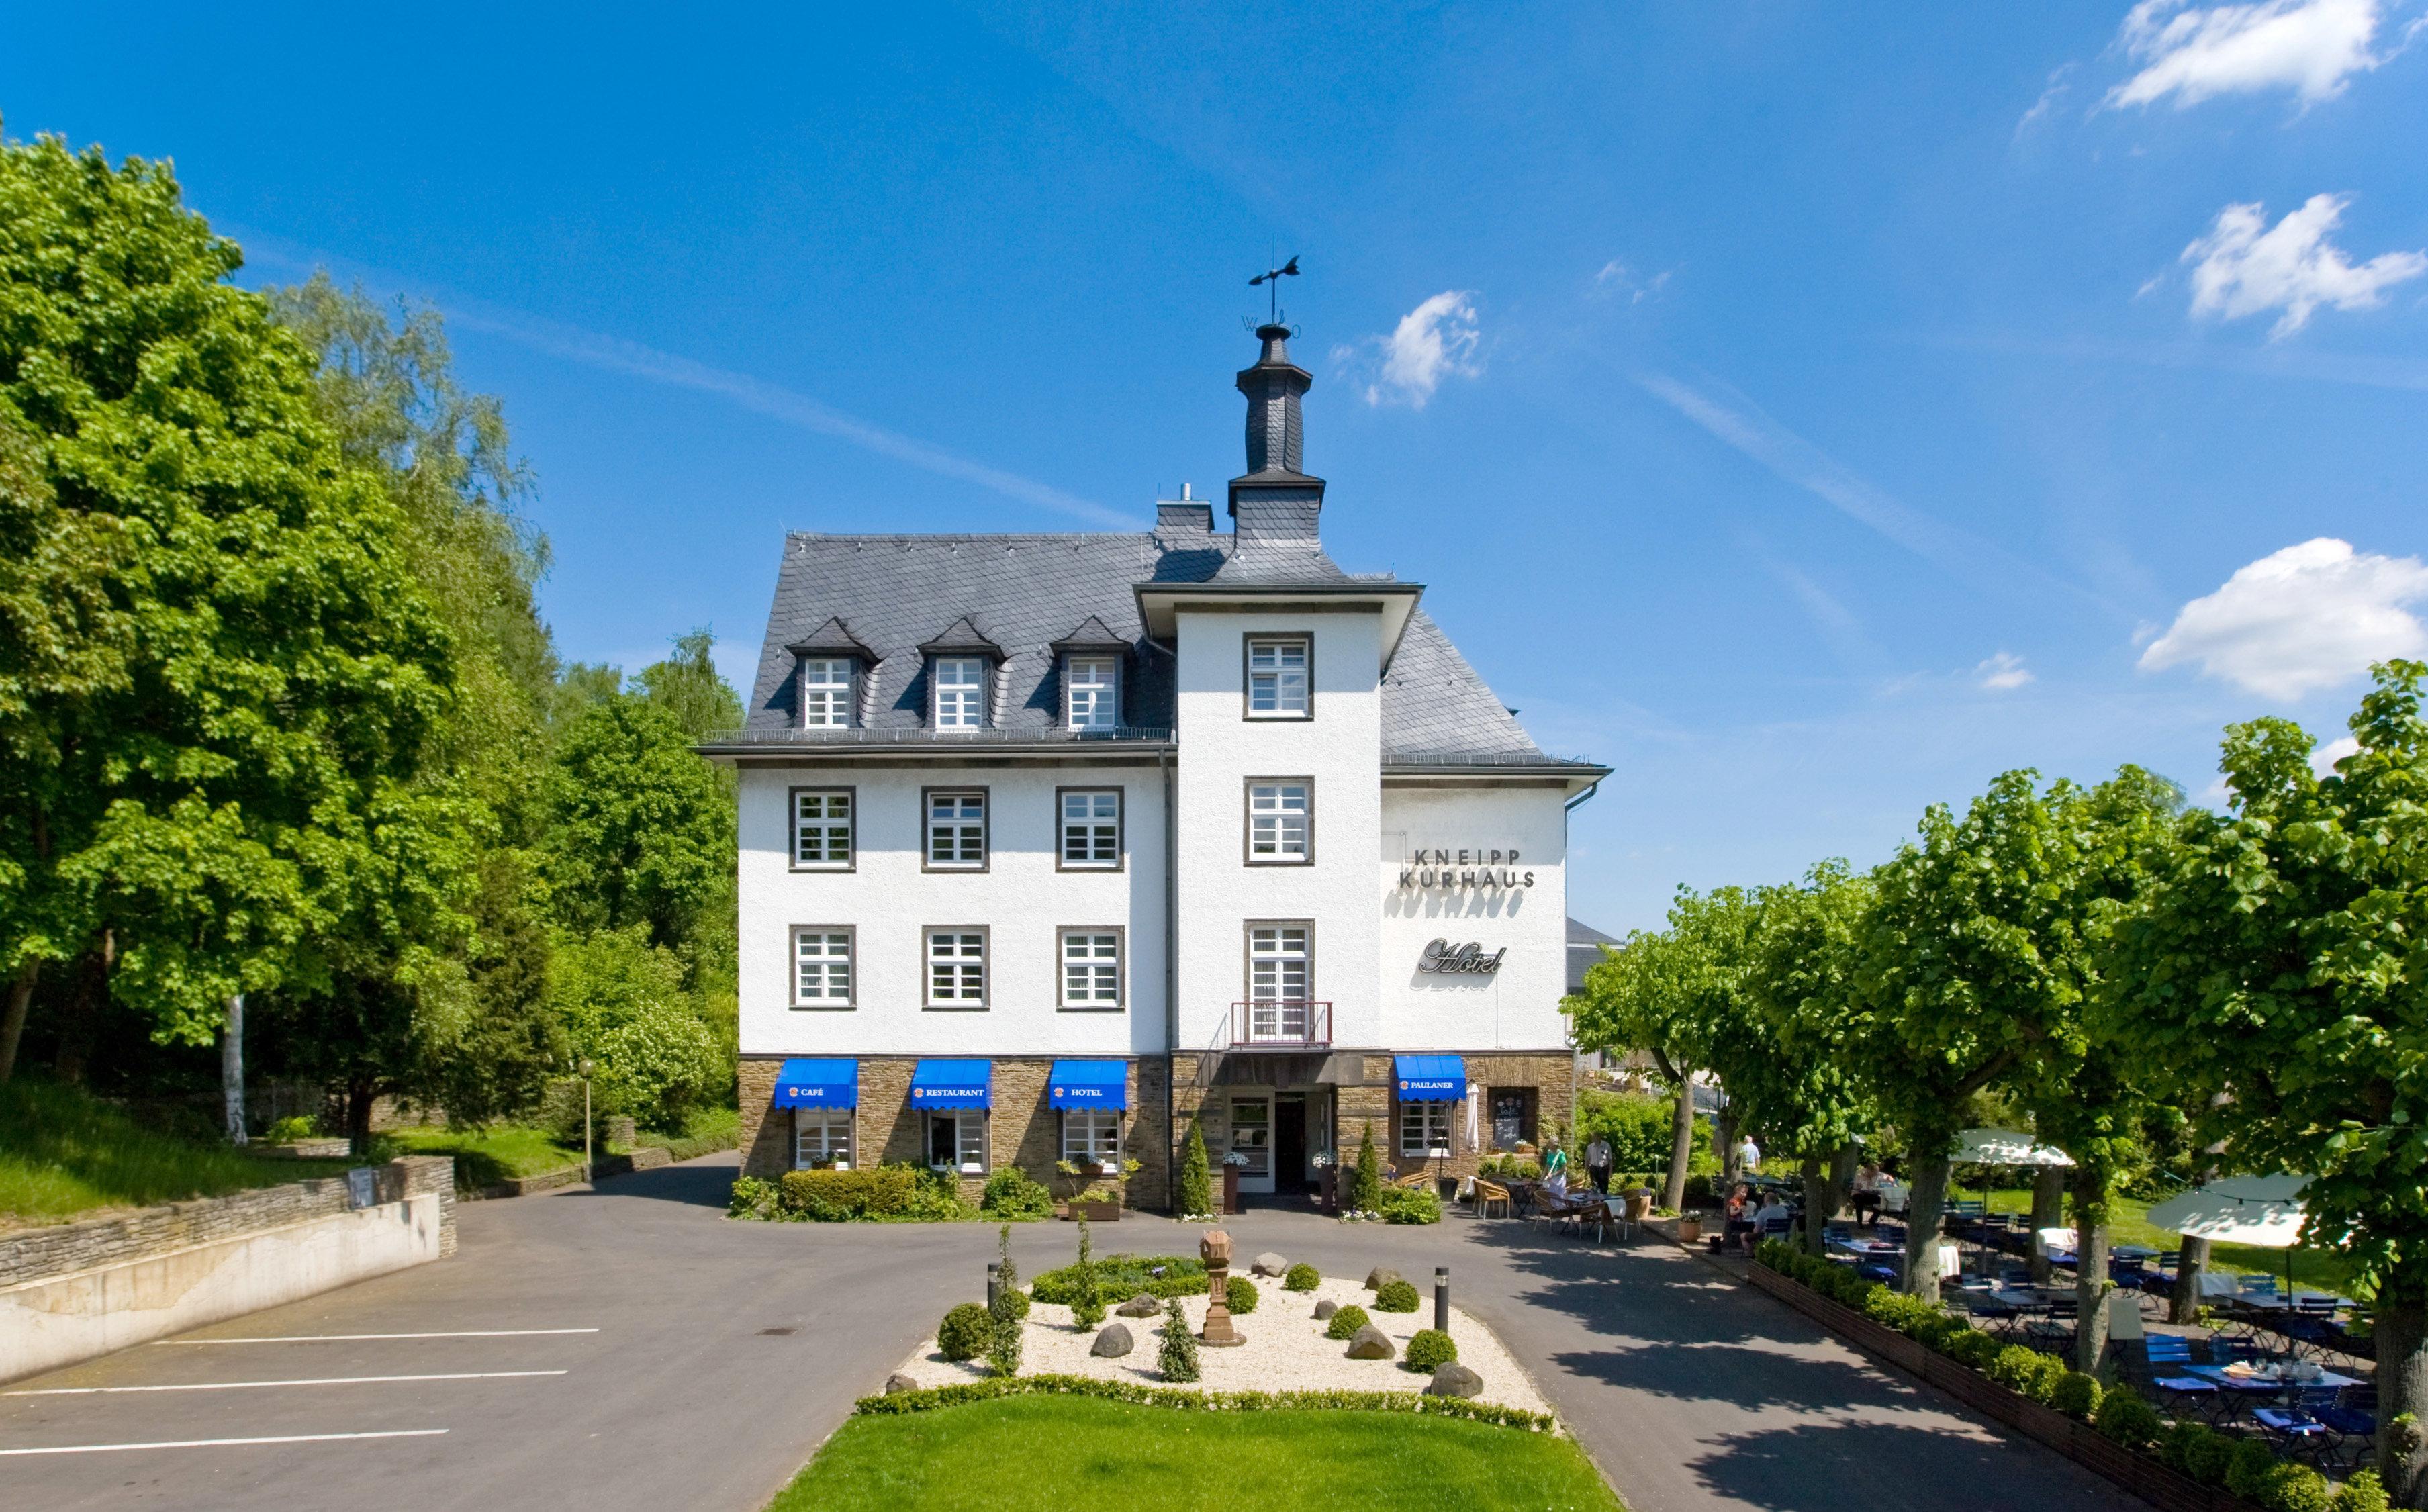 Hotels In Bad Munstereifel Mittelalterstadt An Der Erft